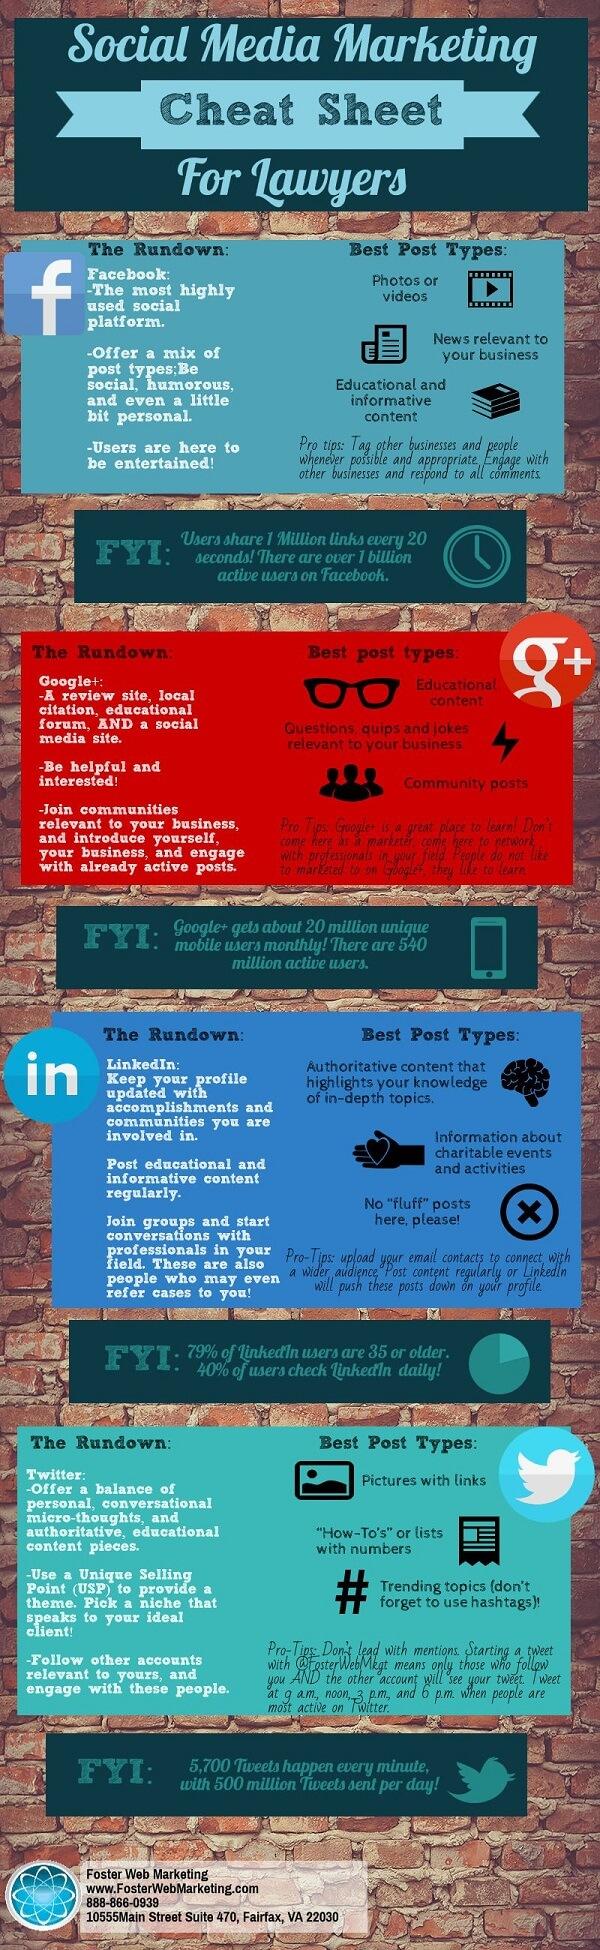 Social Media Marketing Cheat Sheet